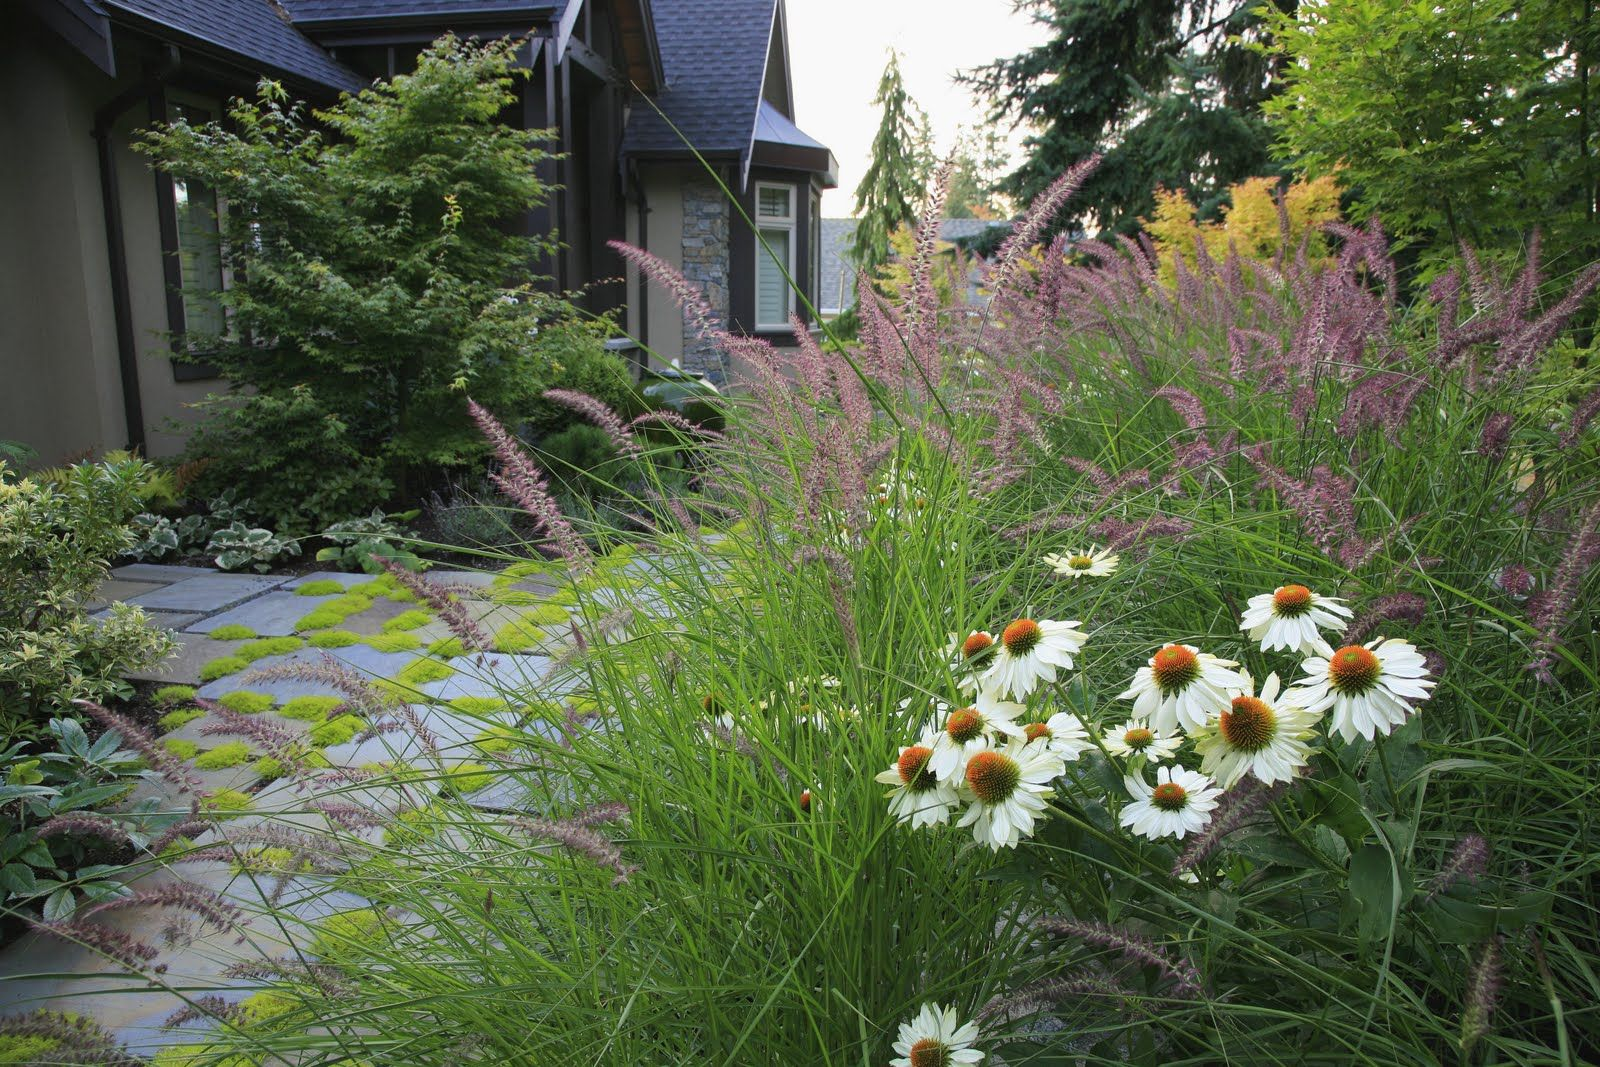 Garden in Qualicum Beach | garden | Pinterest | Gardens and Beaches